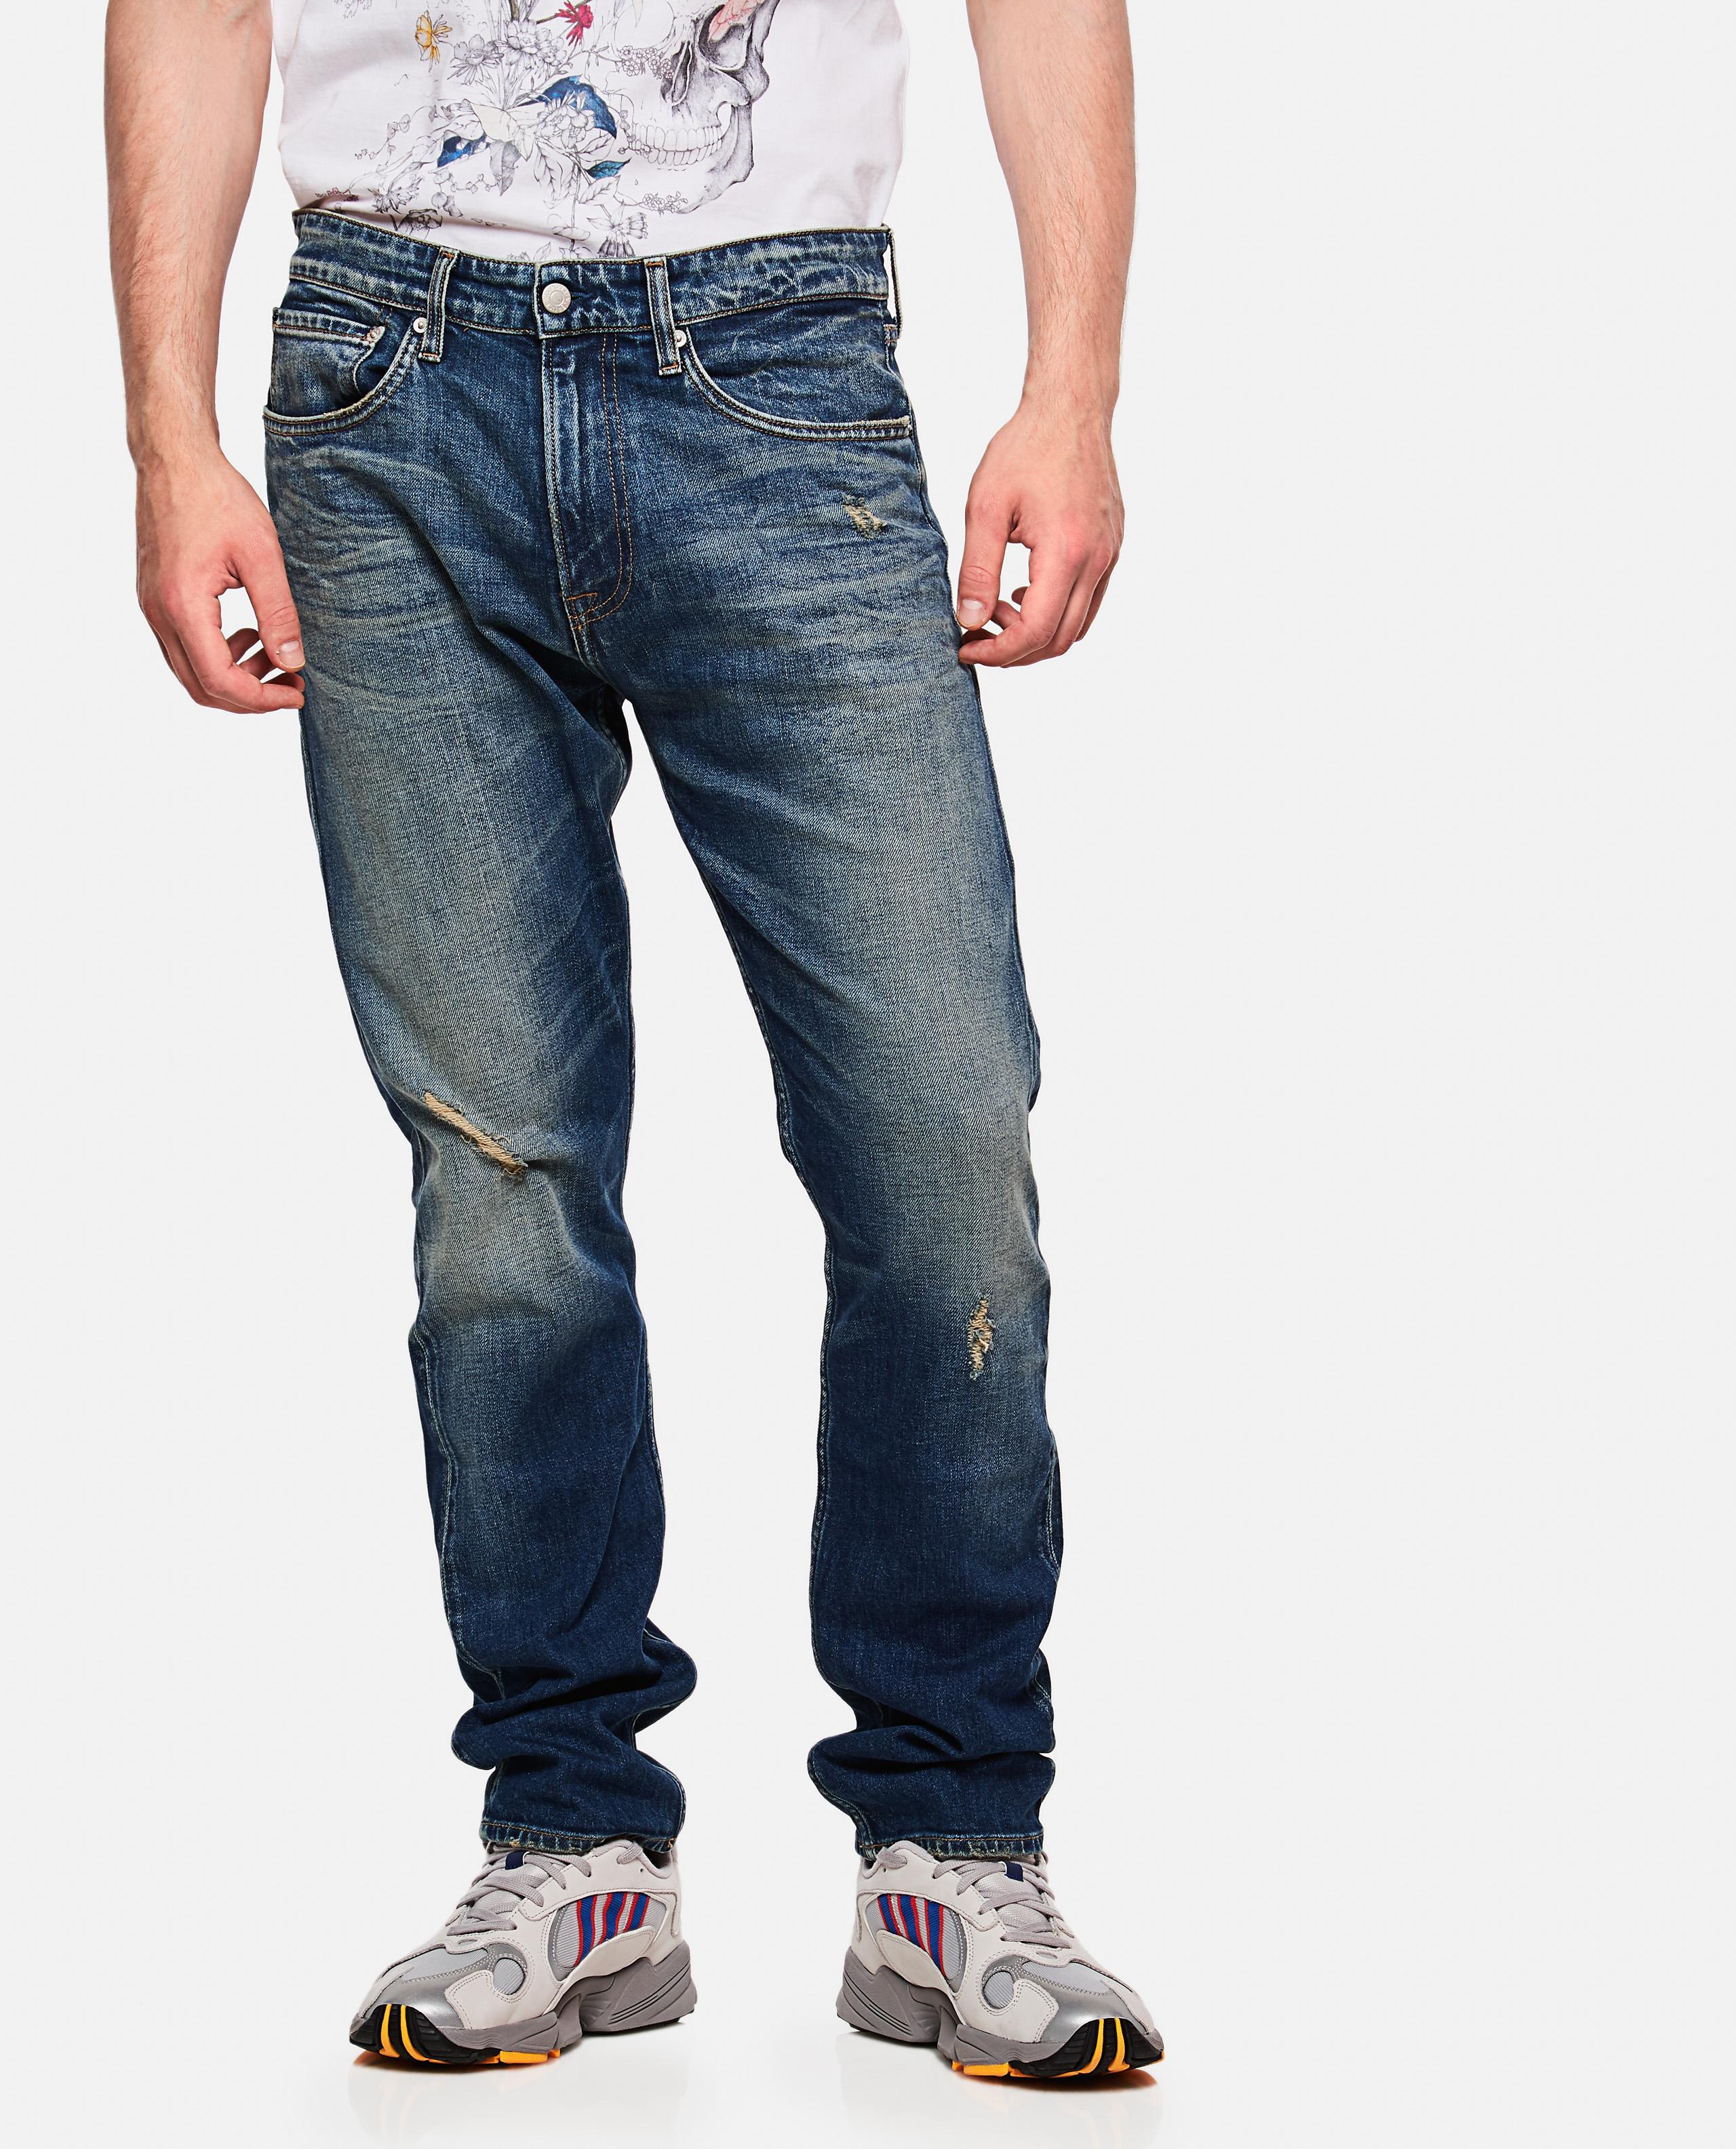 Cotton Denim Pants